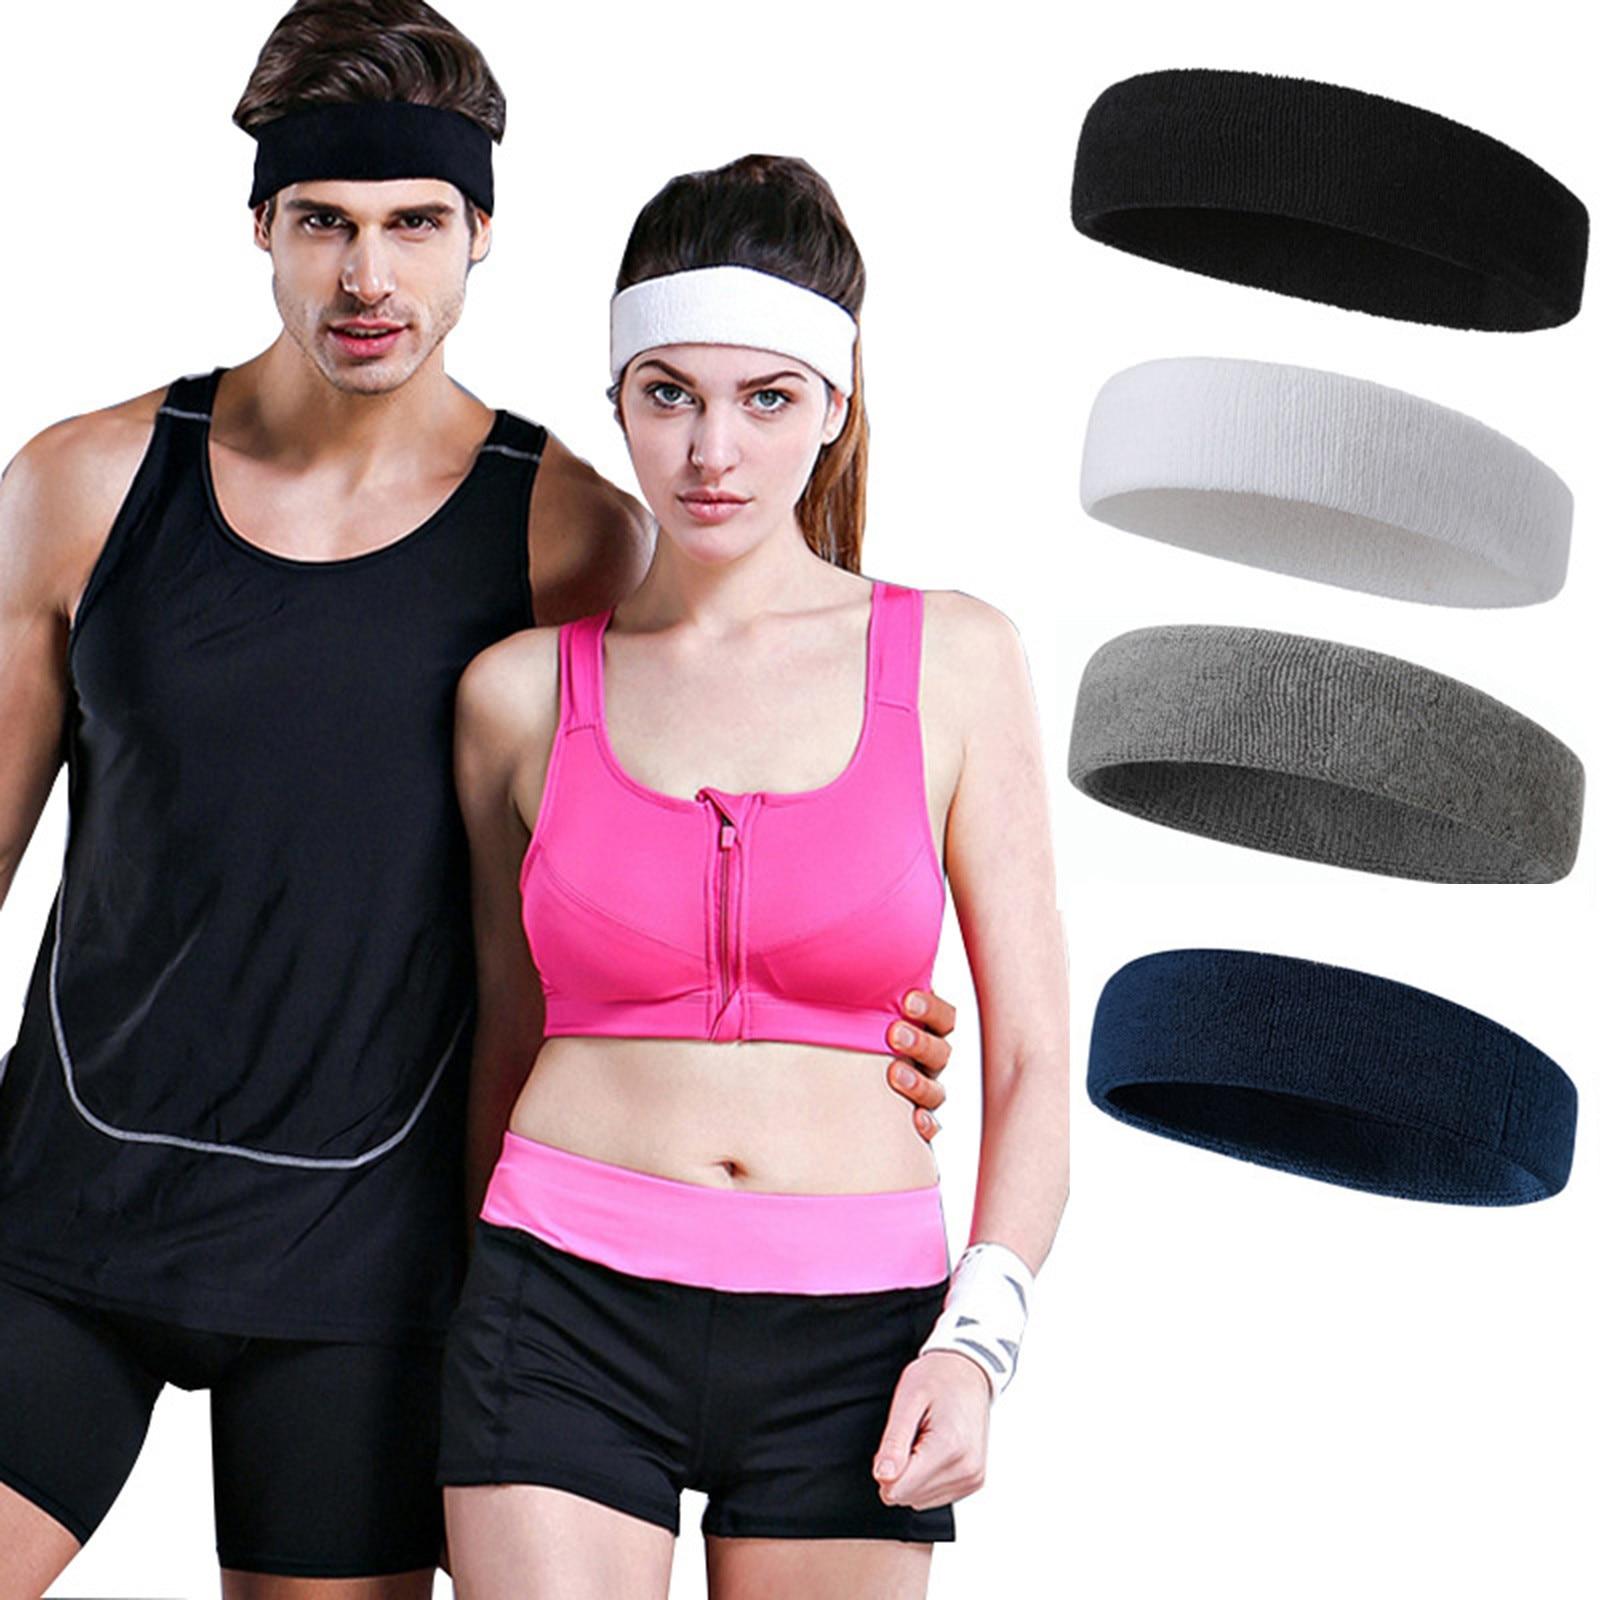 Повязка на голову для мужчин и женщин, эластичная спортивная повязка на голову, хлопковый материал для йоги, спортивный дышащий Мягкий голо...